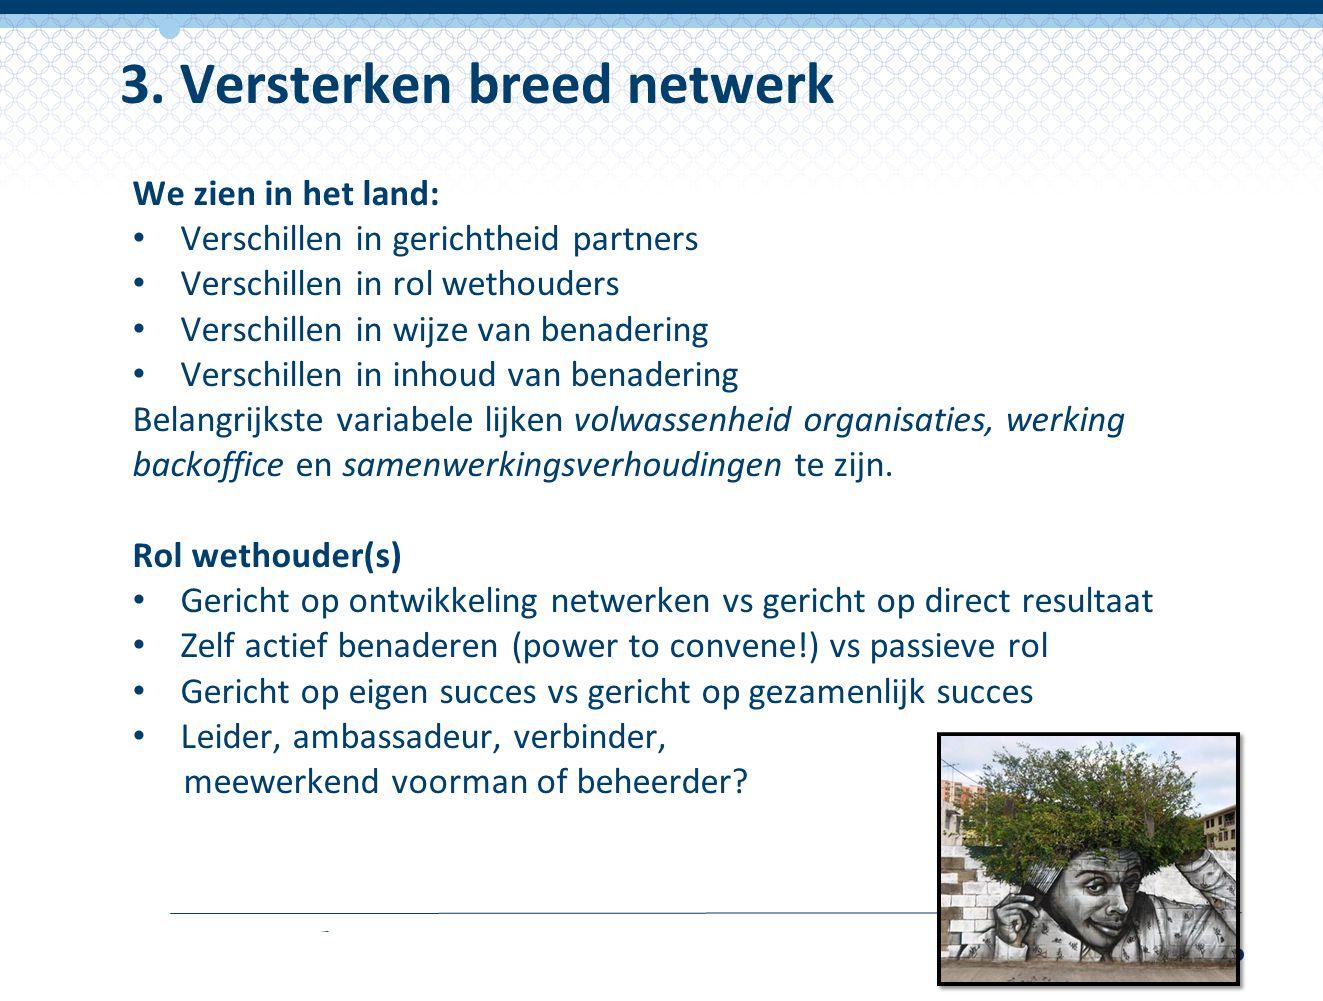 3. Versterken breed netwerk